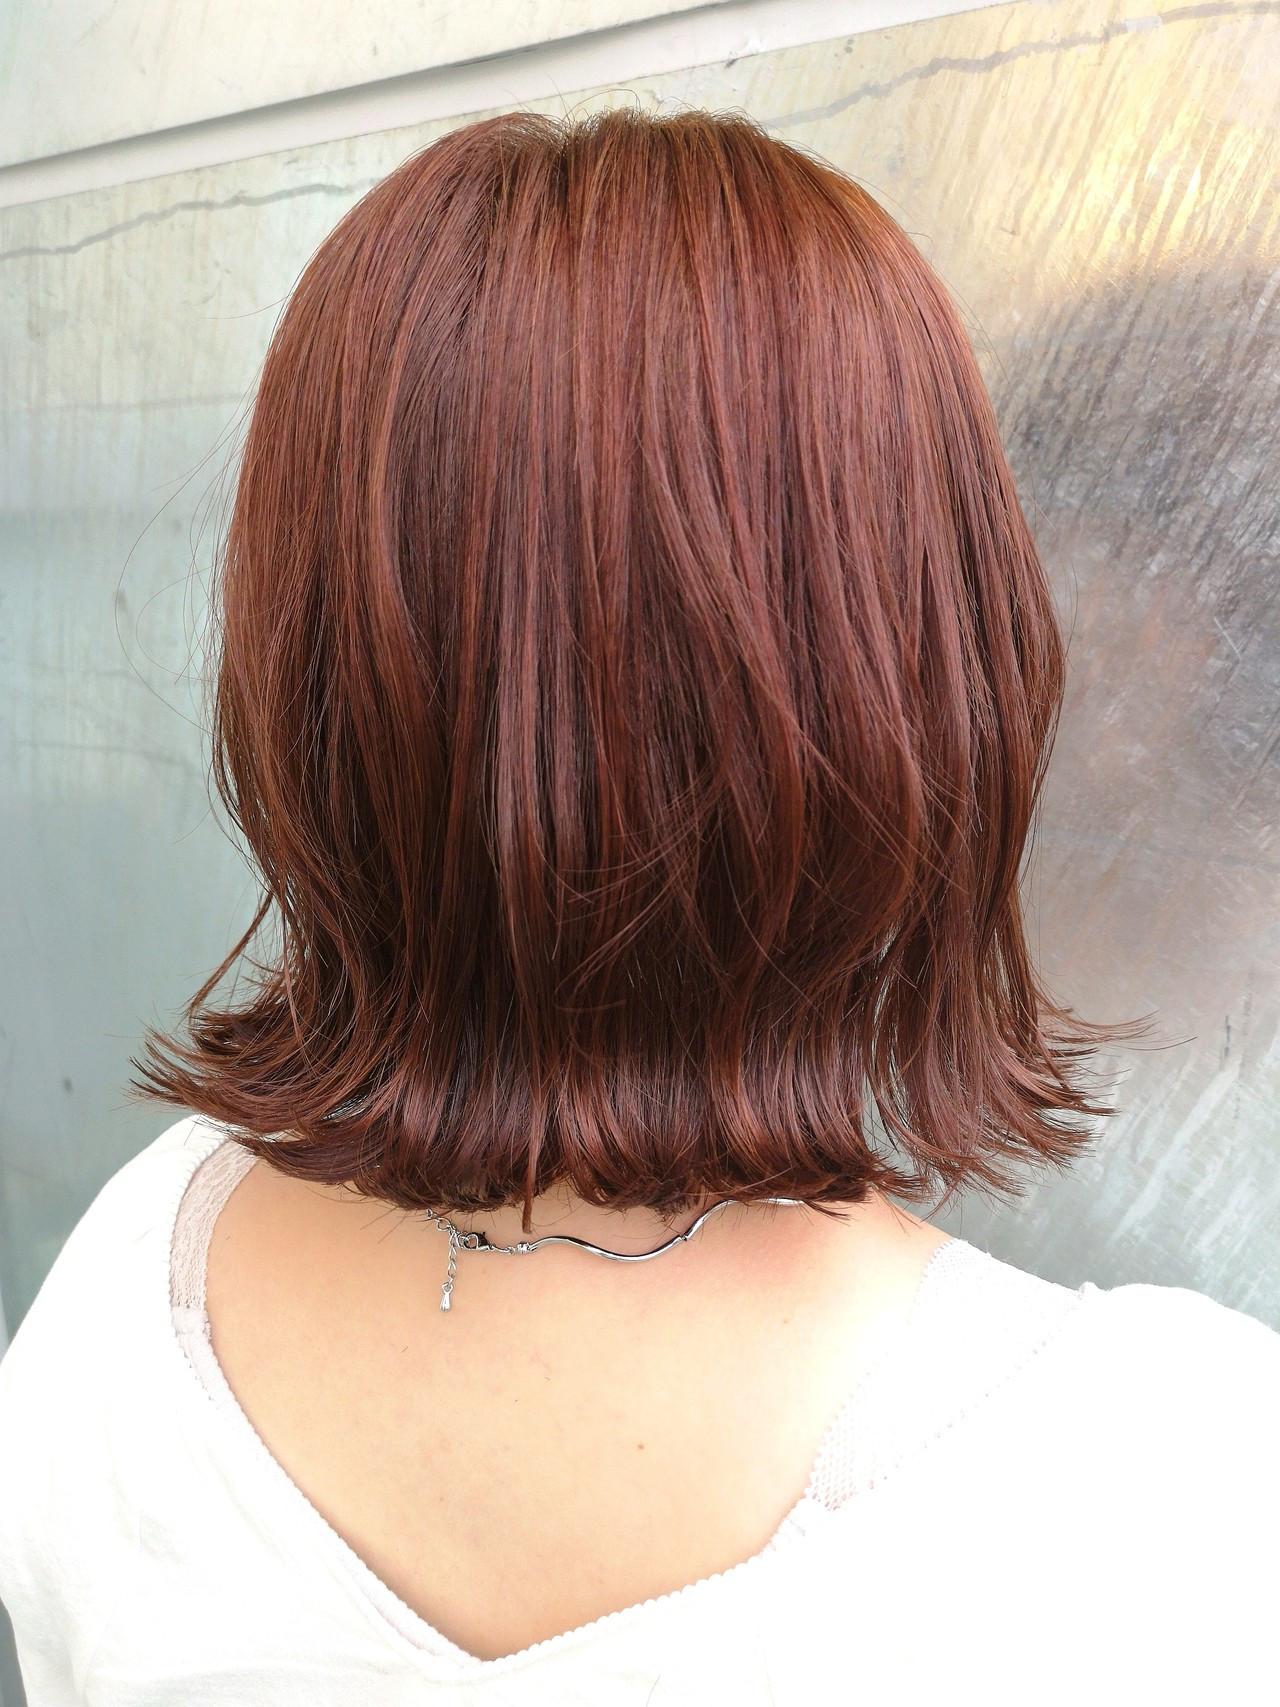 コーラルピンク ピンク ガーリー 大人女子 ヘアスタイルや髪型の写真・画像